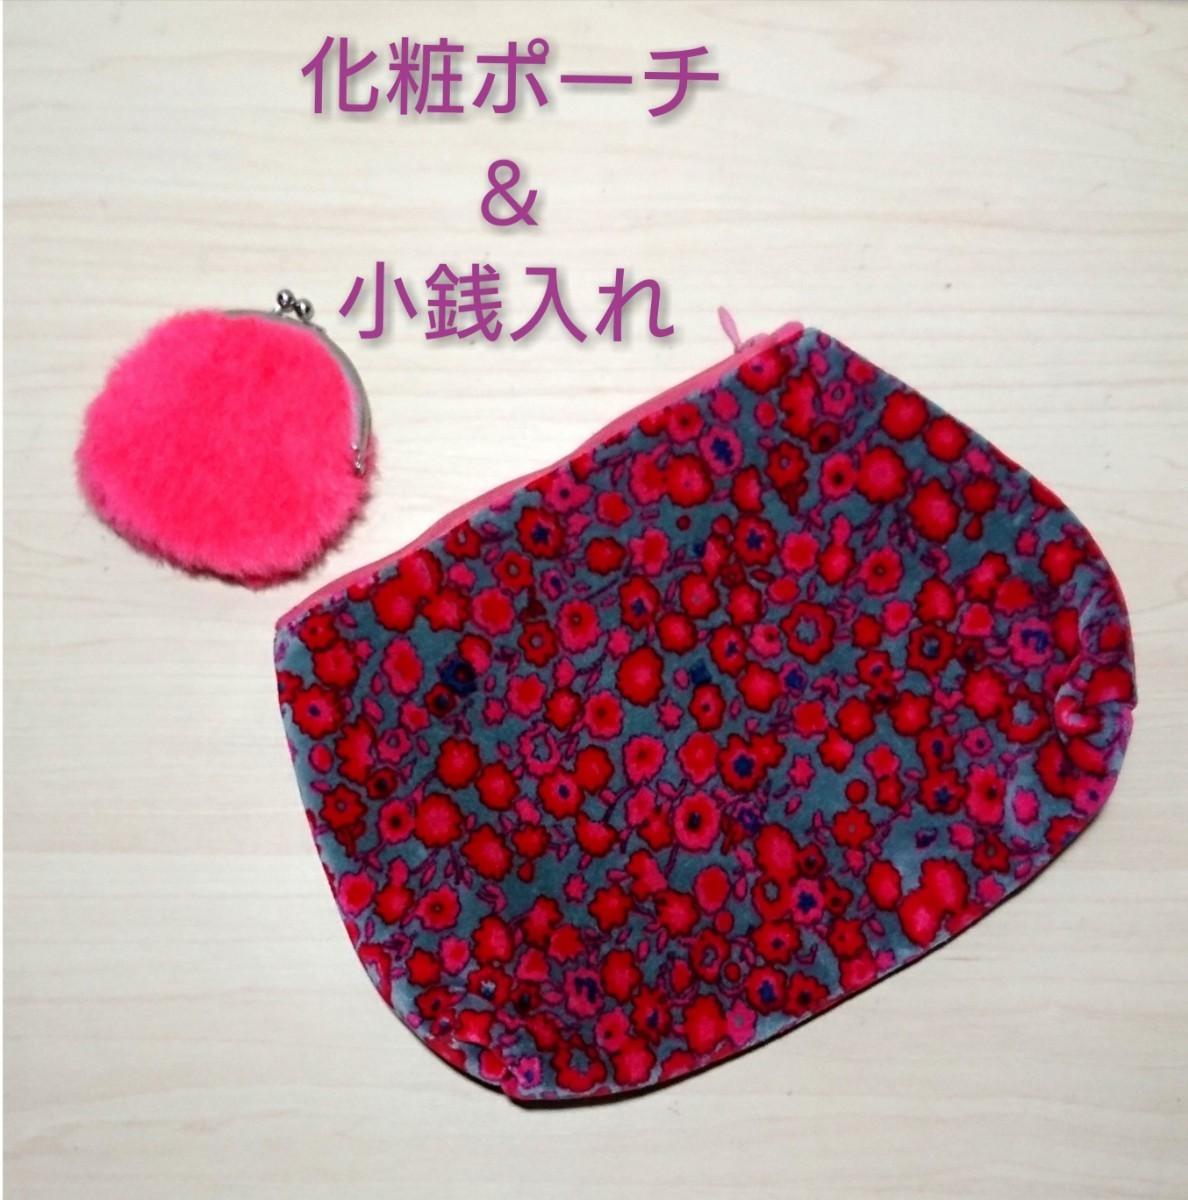 化粧ポーチ&小銭入れ   花柄ポーチ ベロア生地   財布 がま口 ボア生地